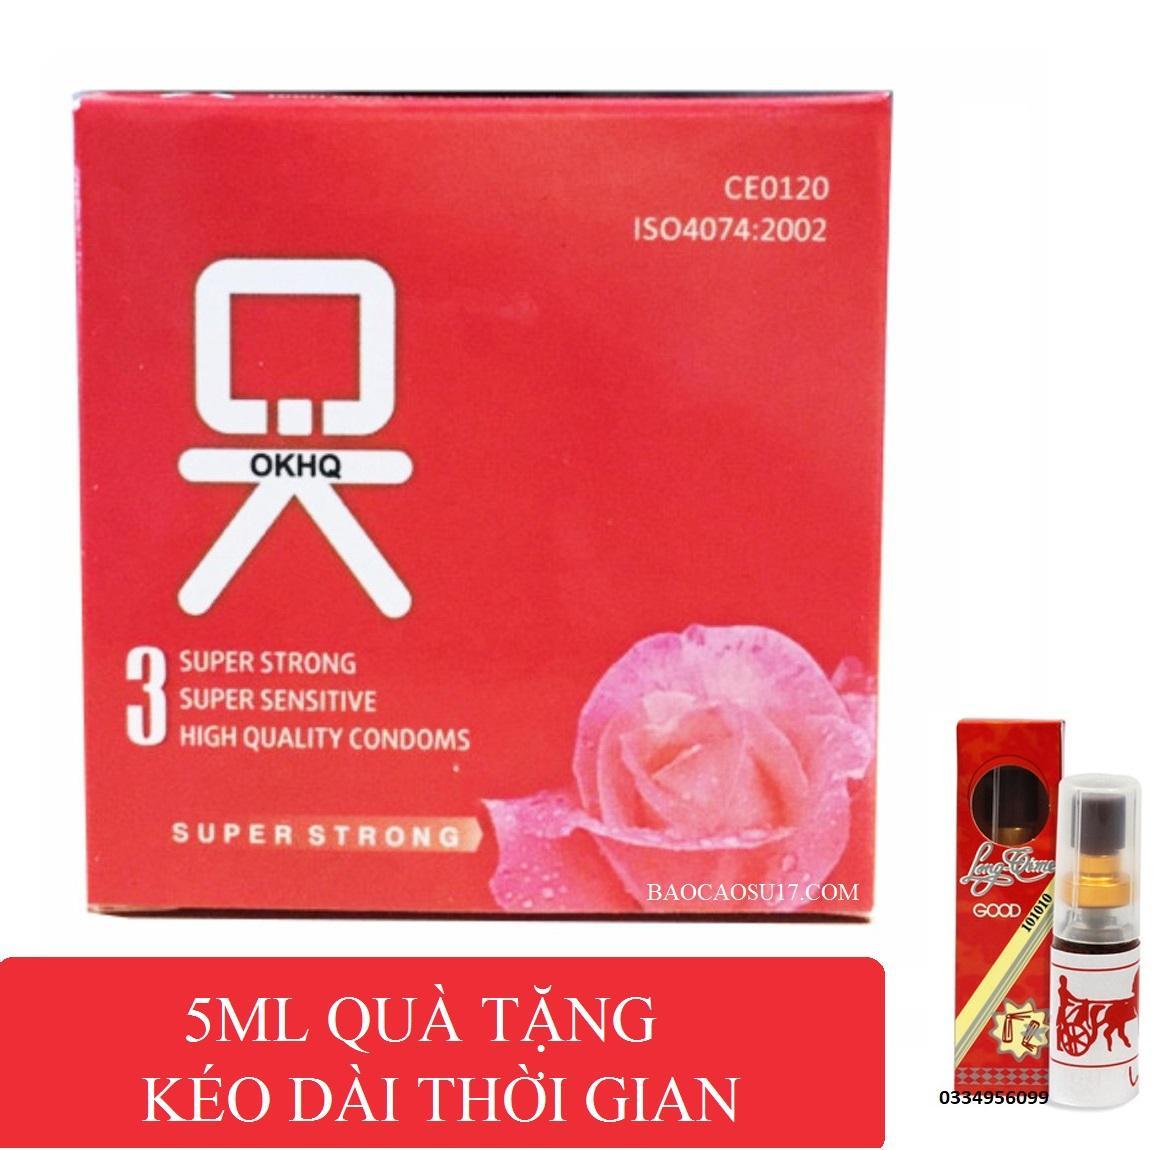 Bộ 1 hộp BCS OK tặng 1 Chai xịt Longtime đỏ kéo dài thời gian 5ml